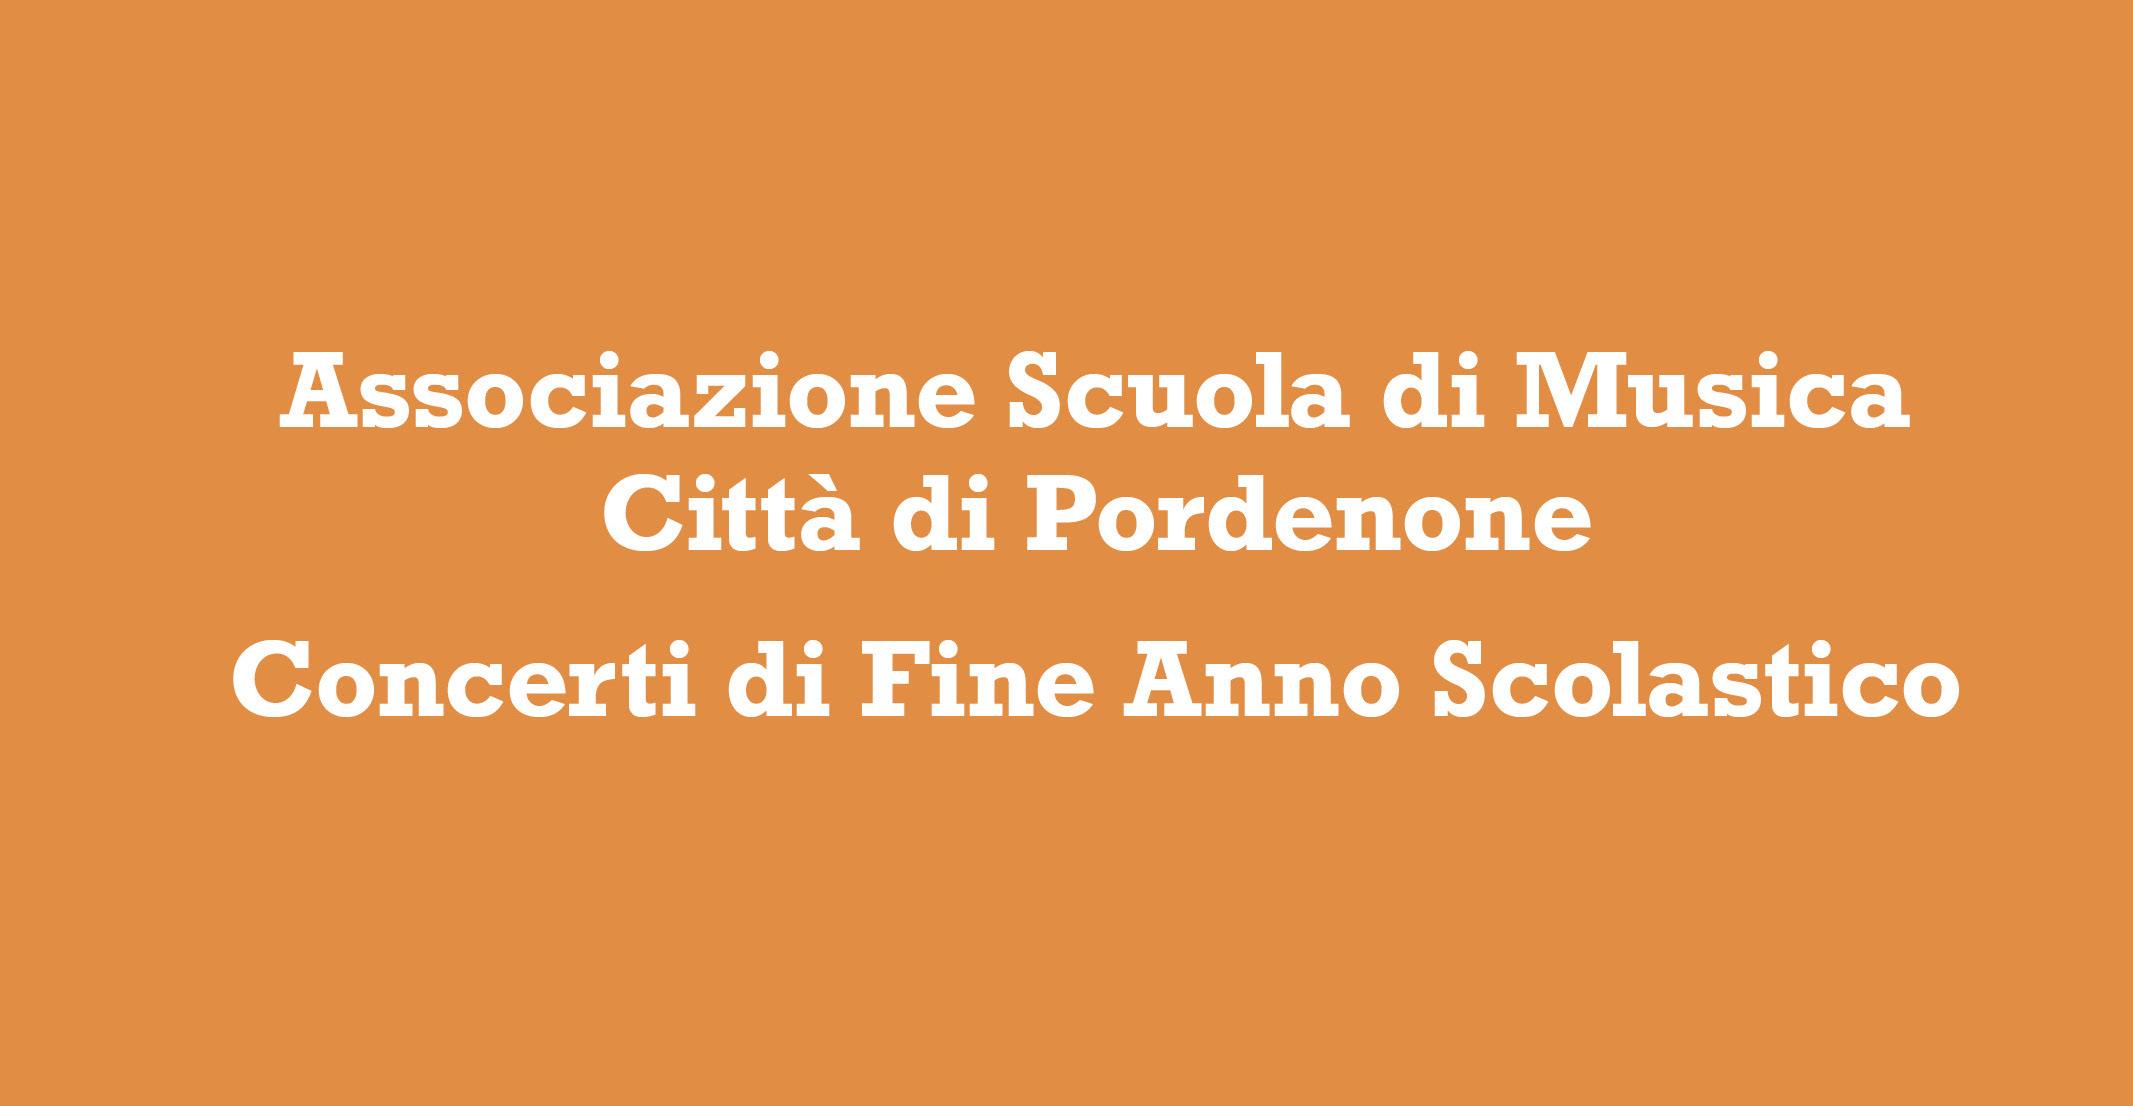 Concerti di Fine Anno Scolastico - Associazione Scuola di Musica Città di Pordenone